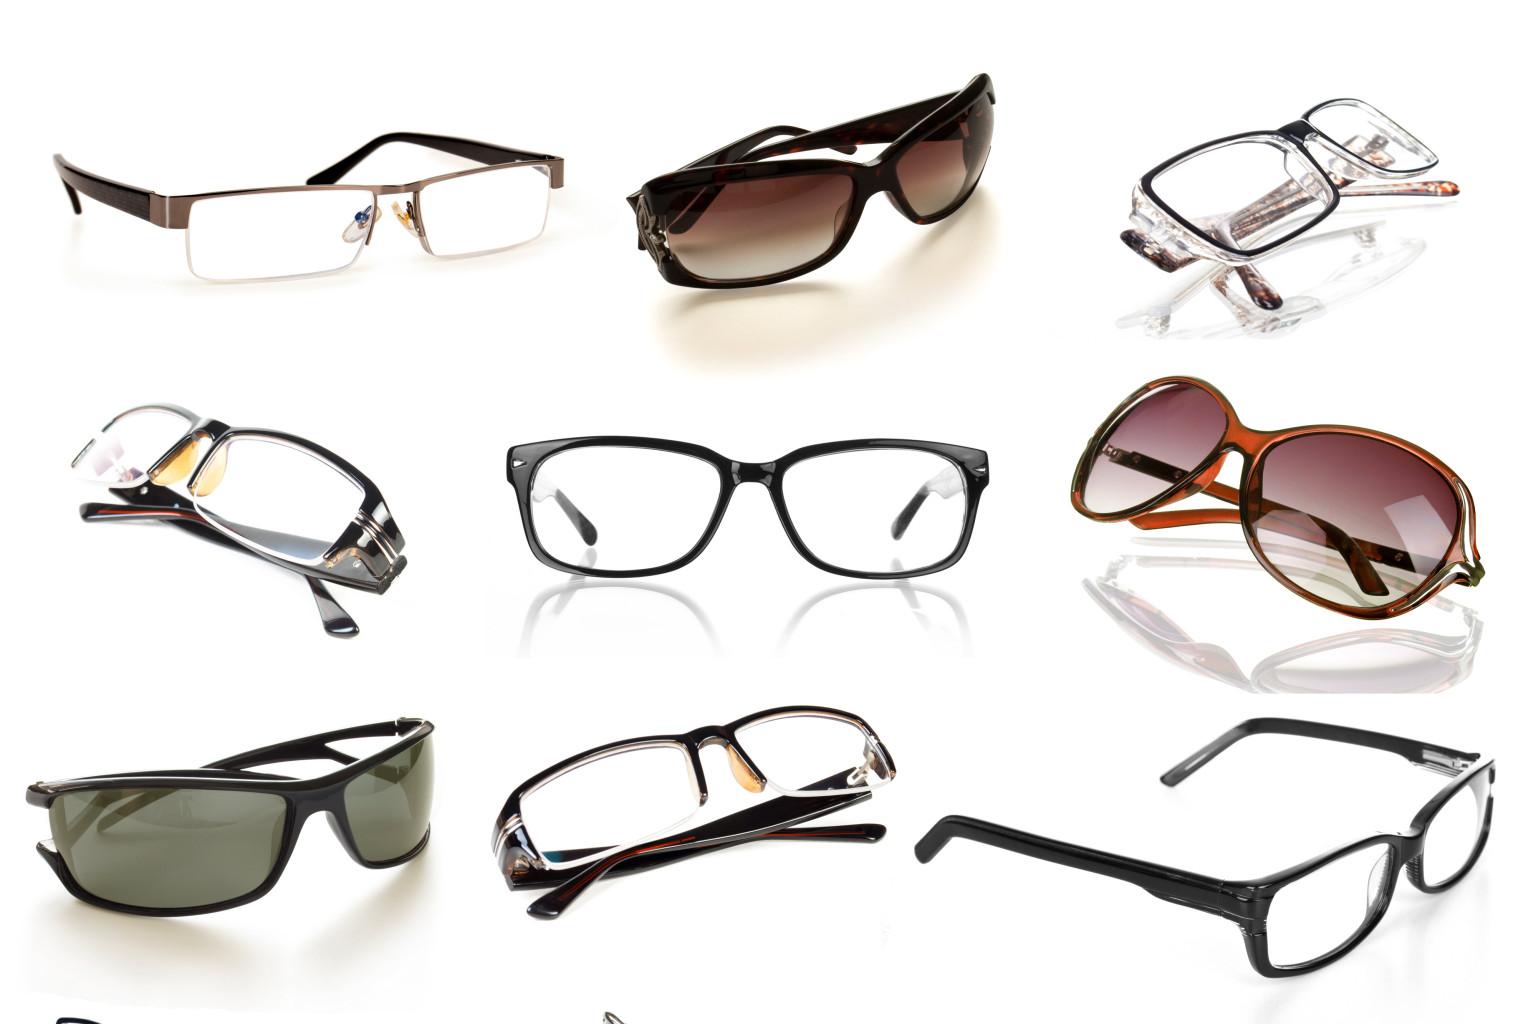 lunettes une paire de solaire dans la poche. Black Bedroom Furniture Sets. Home Design Ideas